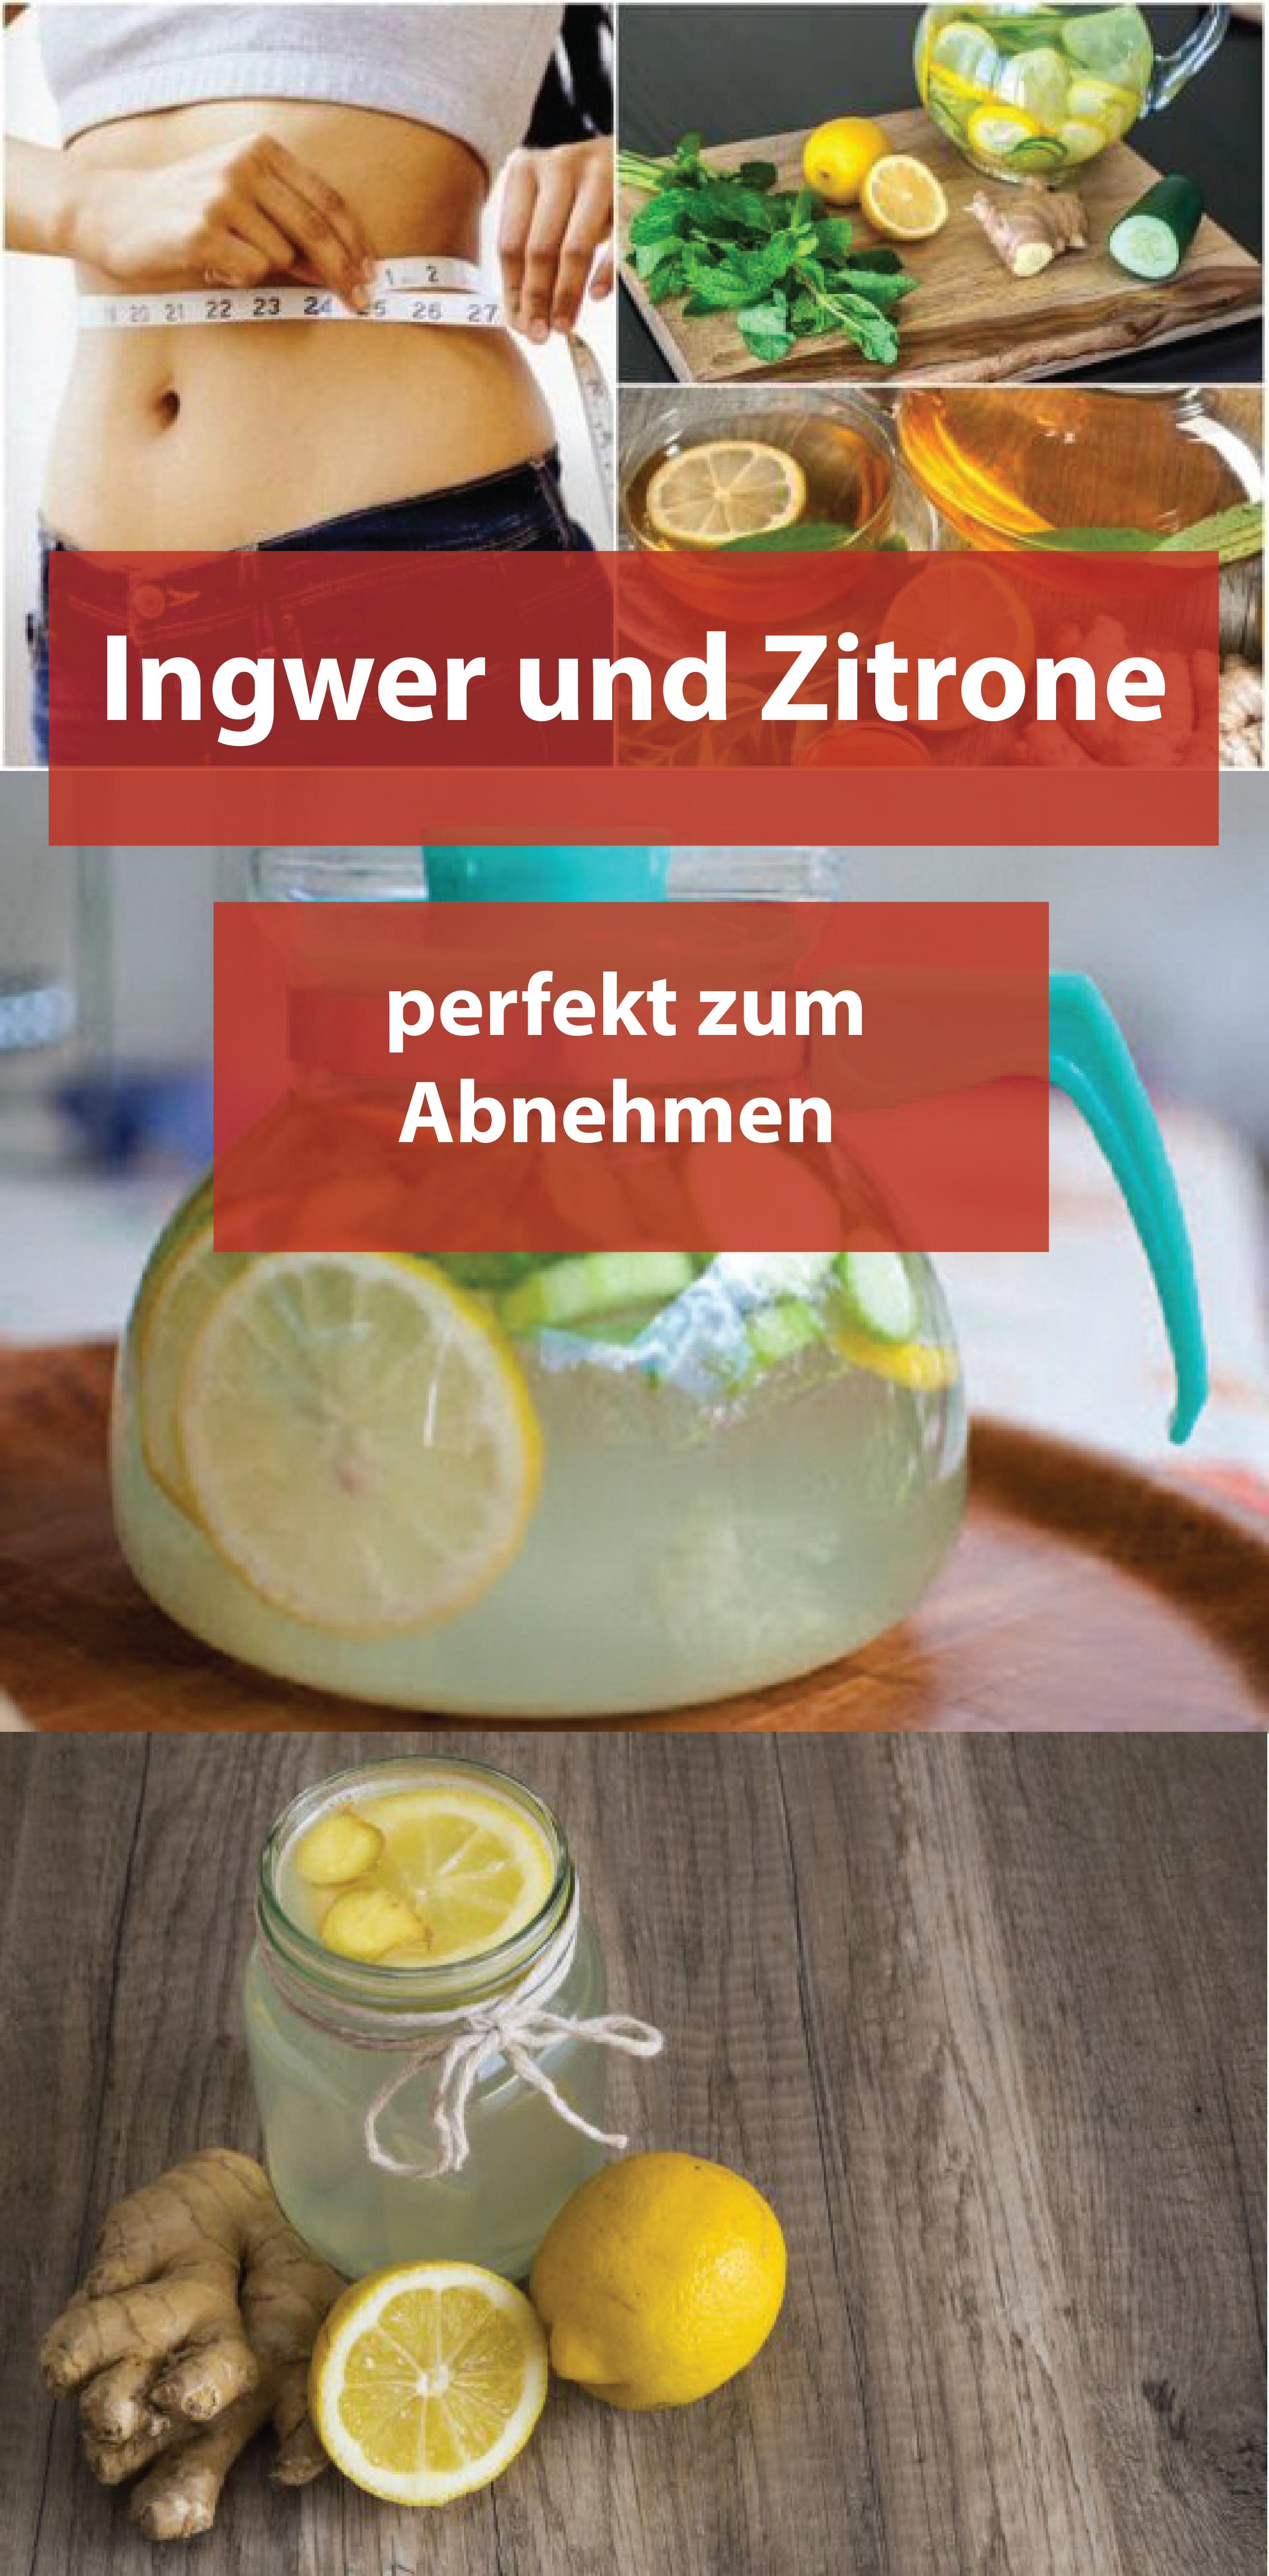 Ingwer und Zitrone: perfekt zum Abnehmen